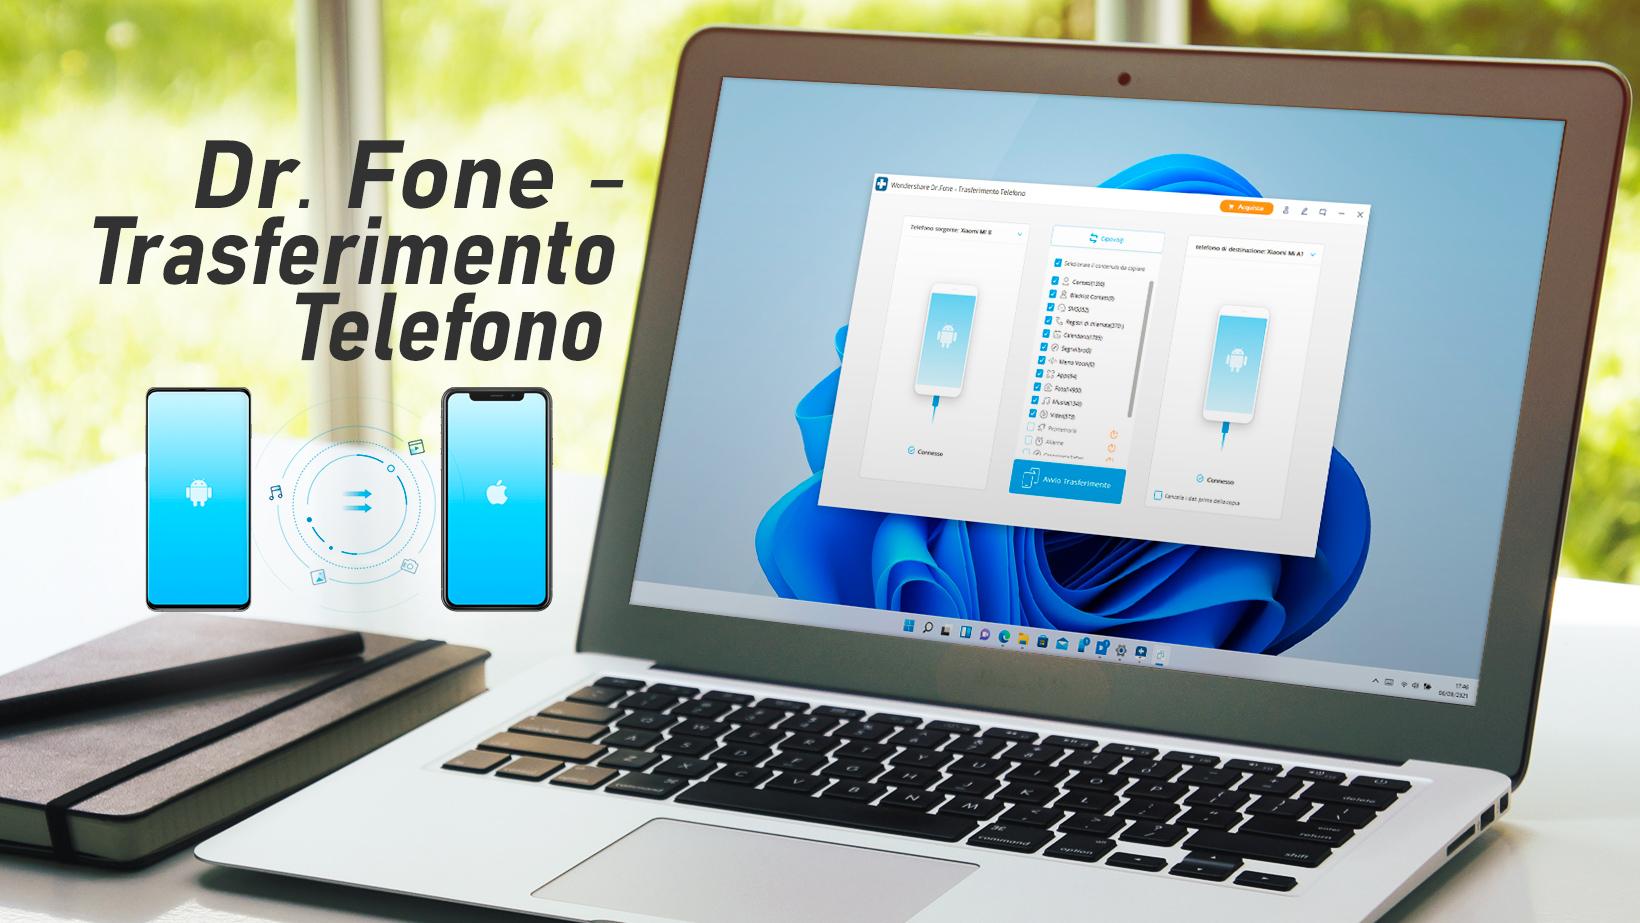 Dr. Fone - Trasferimento Telefono per Windows - Copia i dati da uno smartphone ad un altro